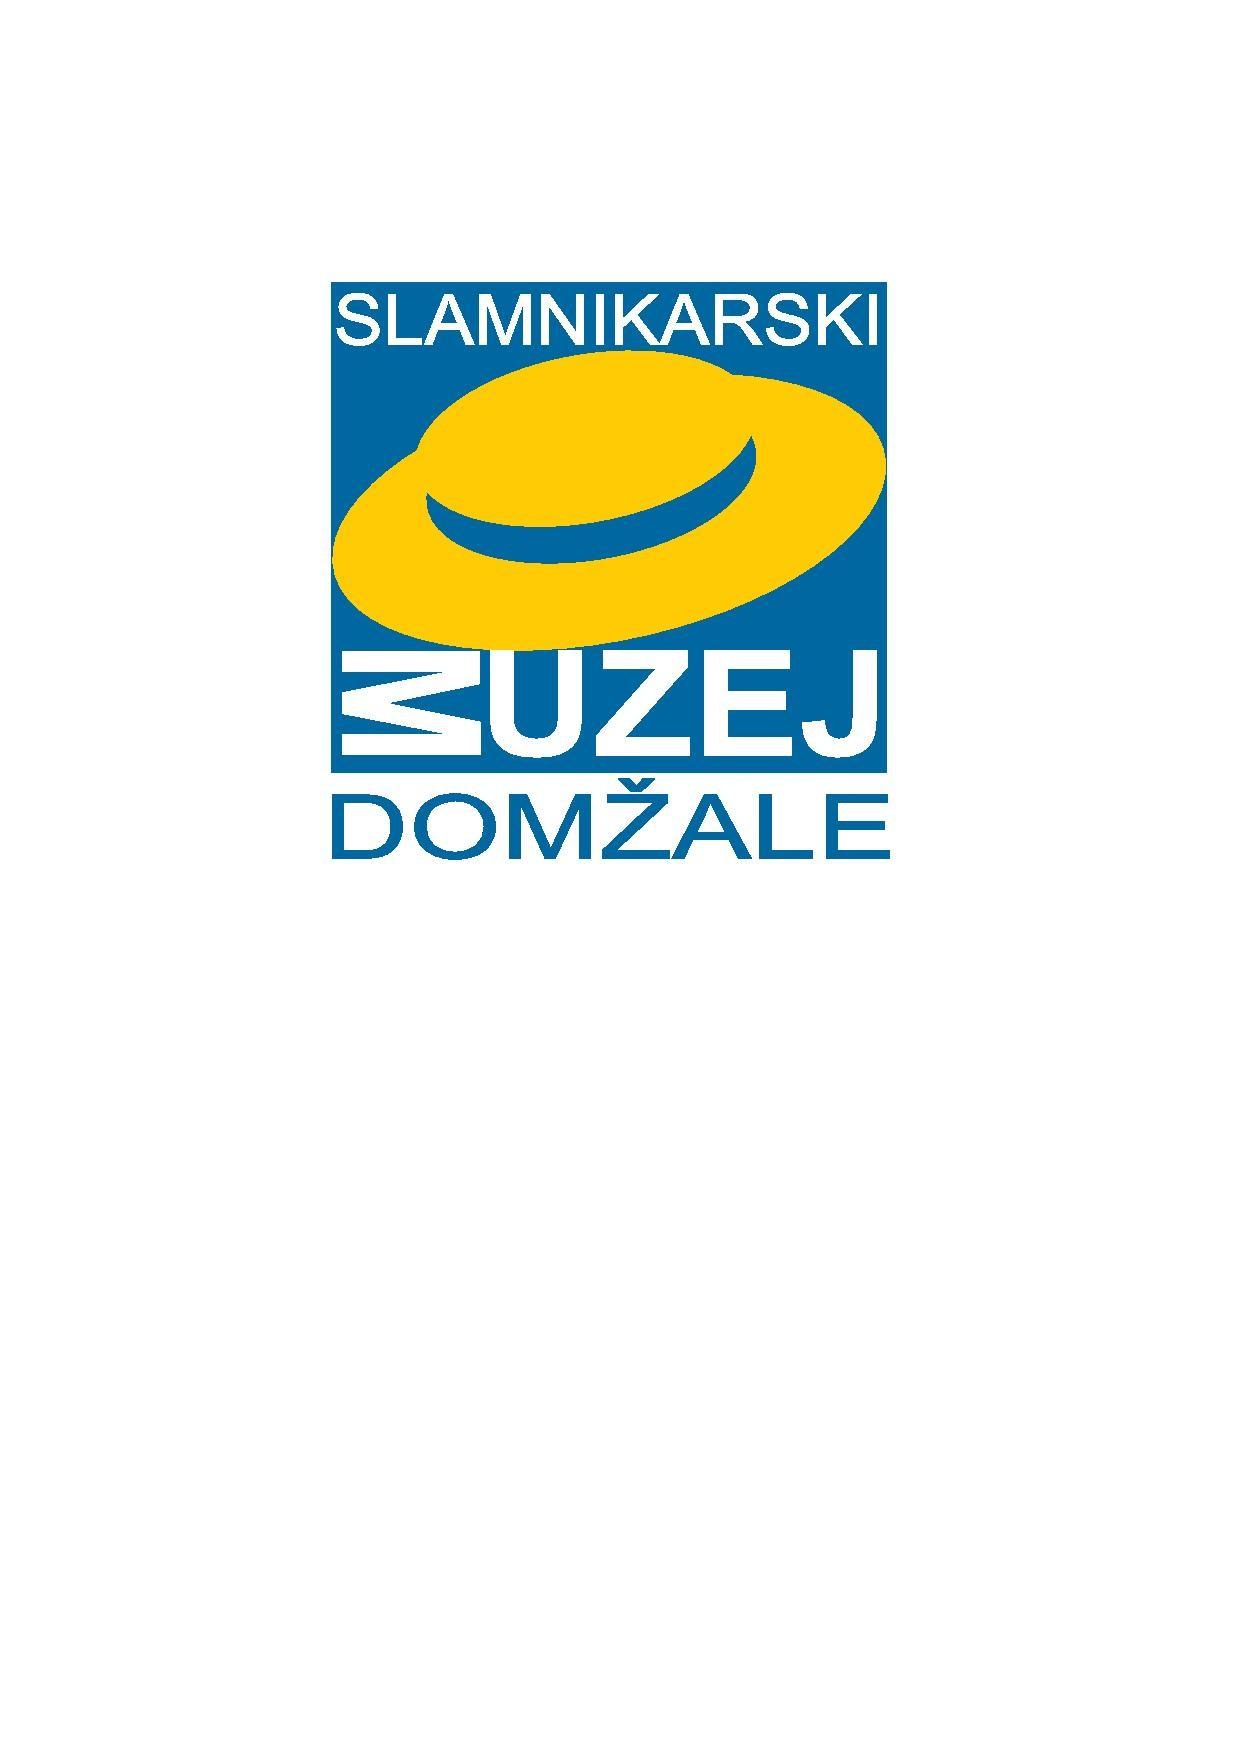 Poletni urnik Slamnikarskega muzeja Domžale